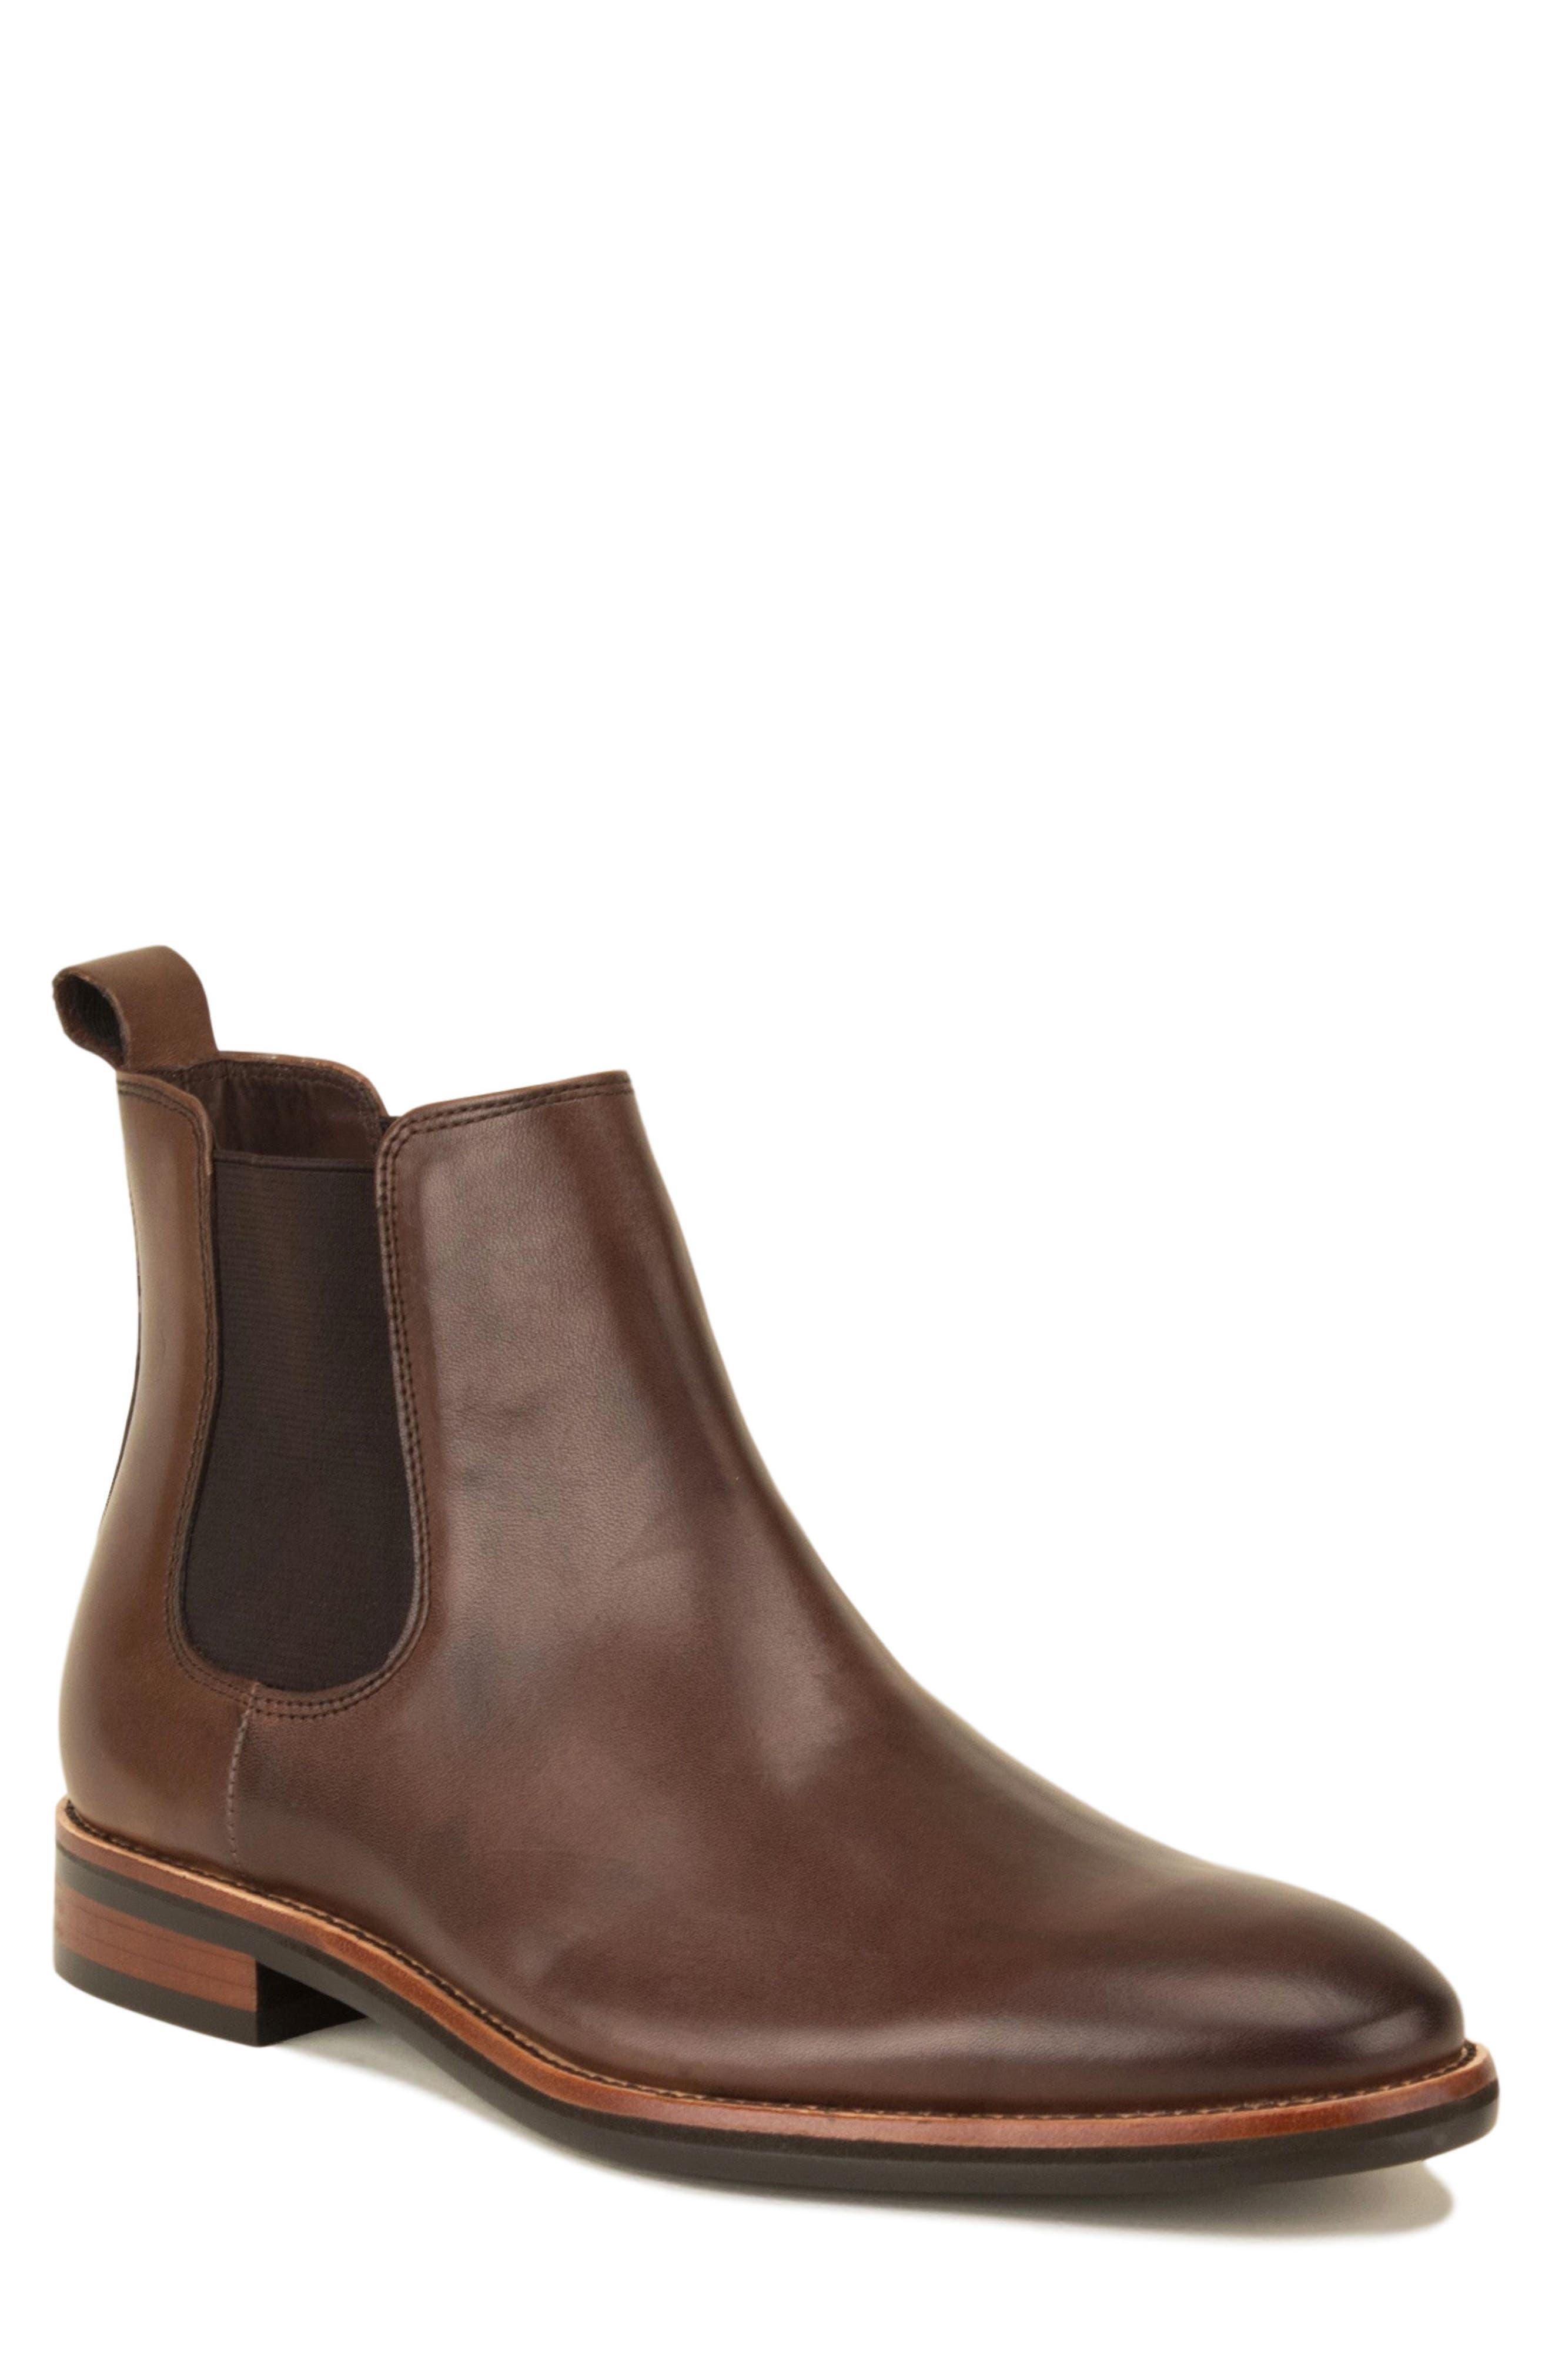 'Wallis' Chelsea Boot,                             Main thumbnail 1, color,                             217